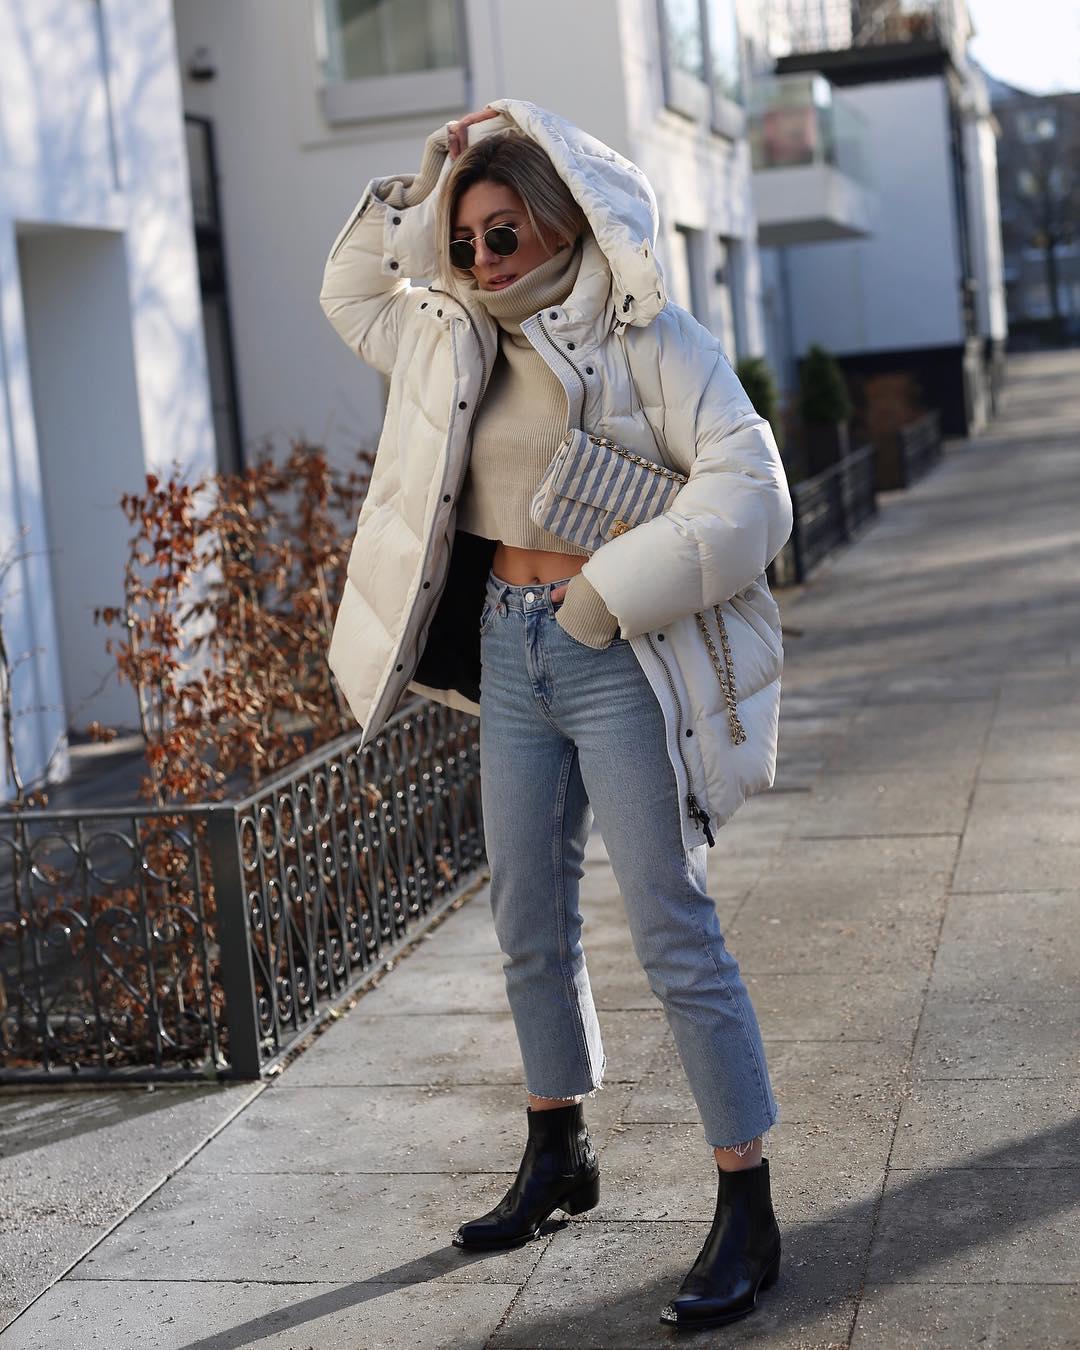 с чем носить джинсы зимой фото 17